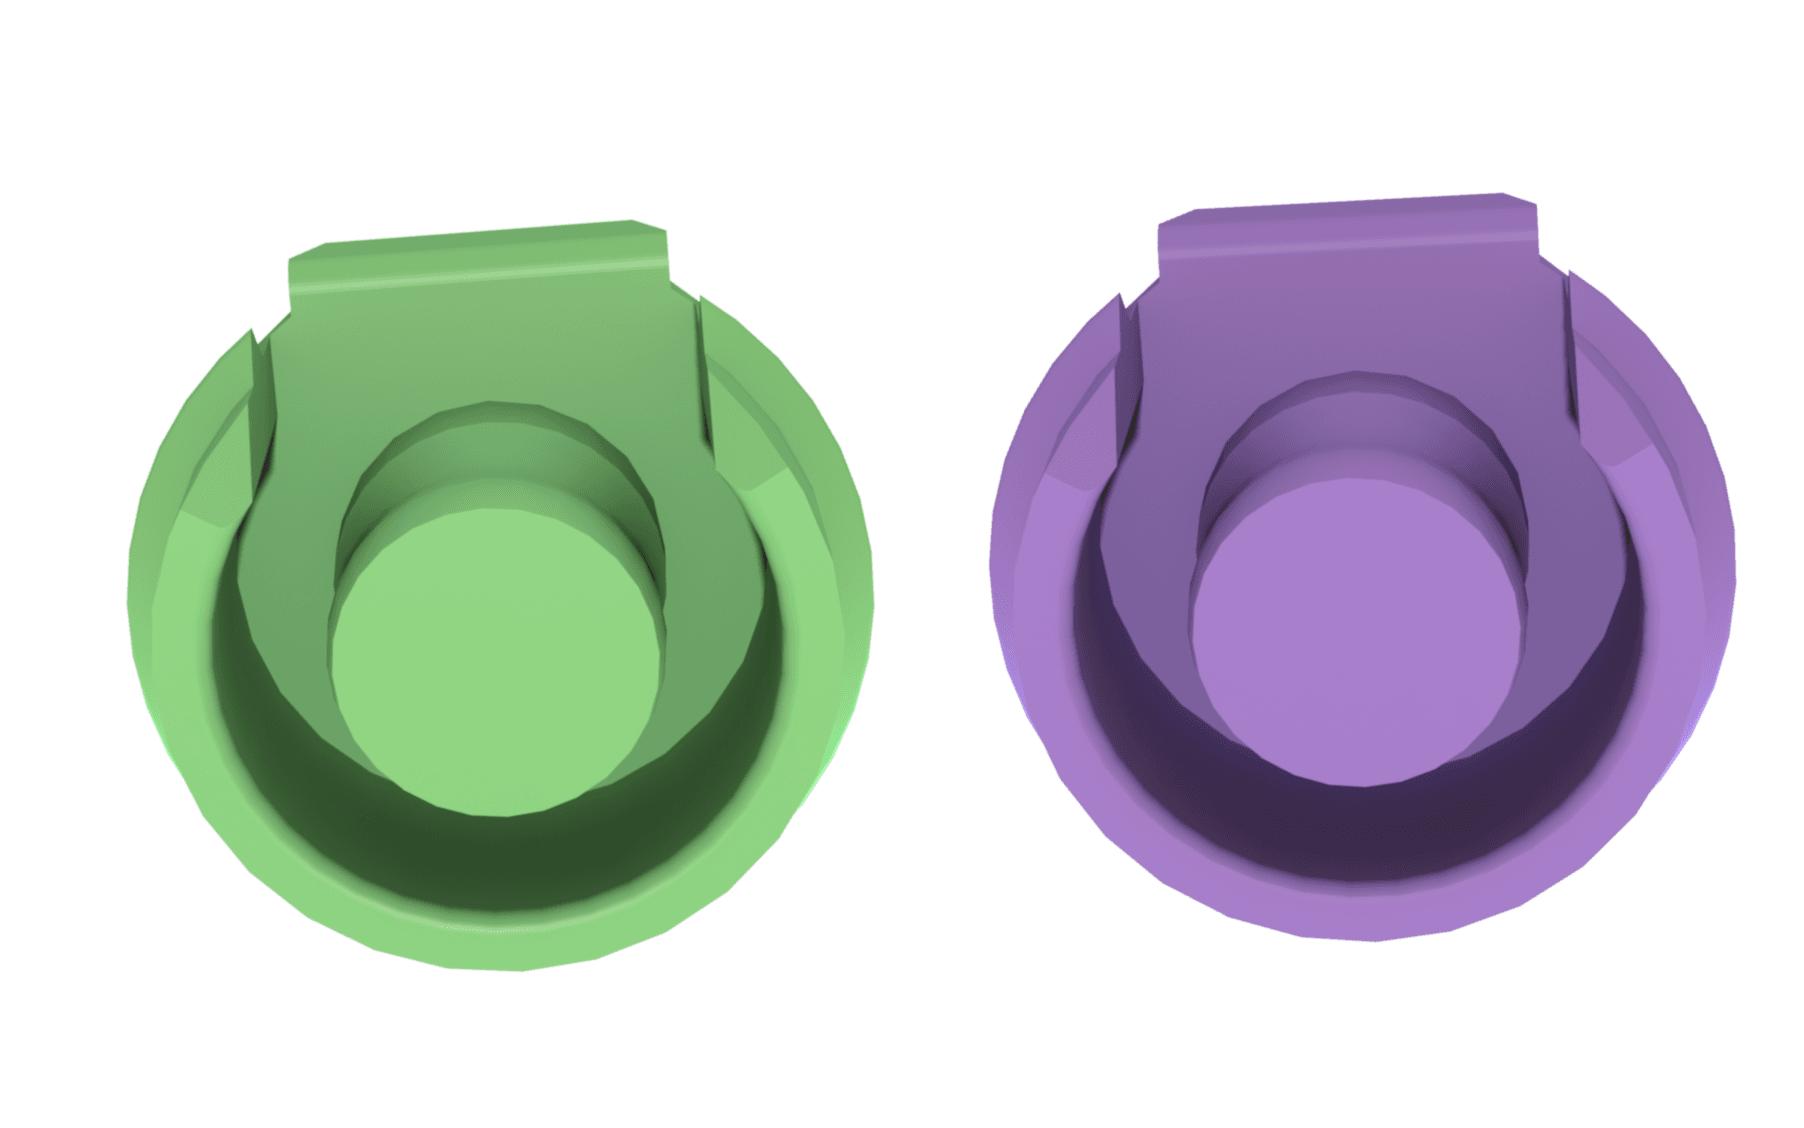 Need More Retention? Introducing the ERA® RV Green & Purple Male Attachments